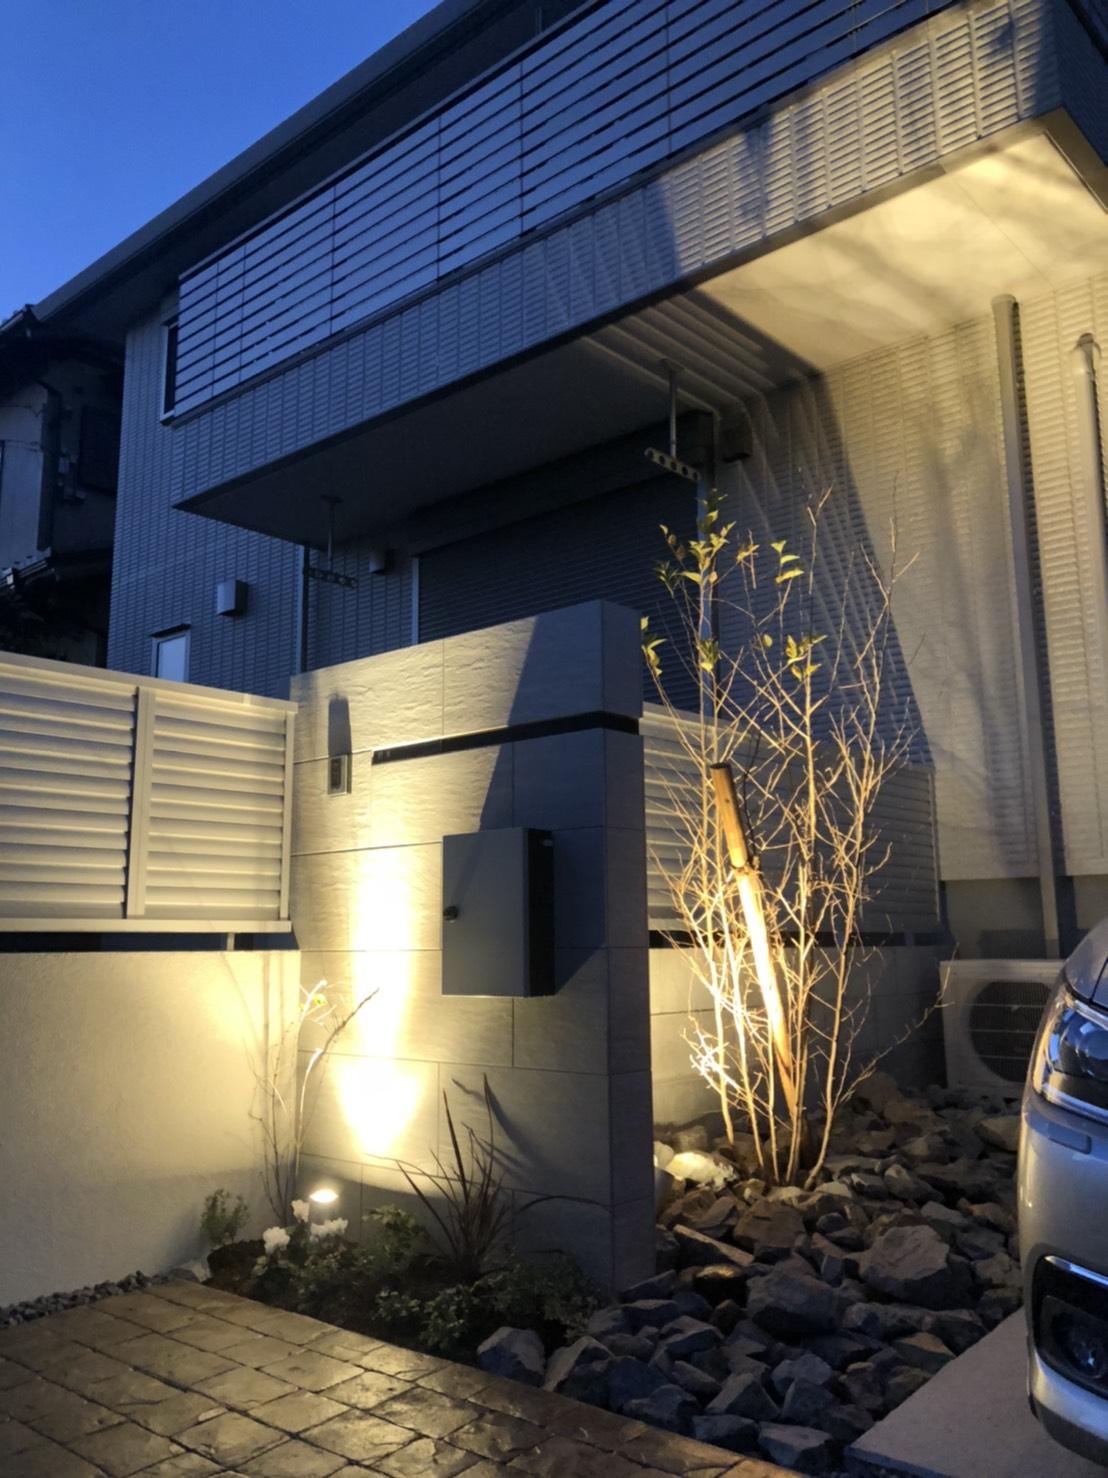 愛西シンプルなタイル門柱のある庭のイメージ